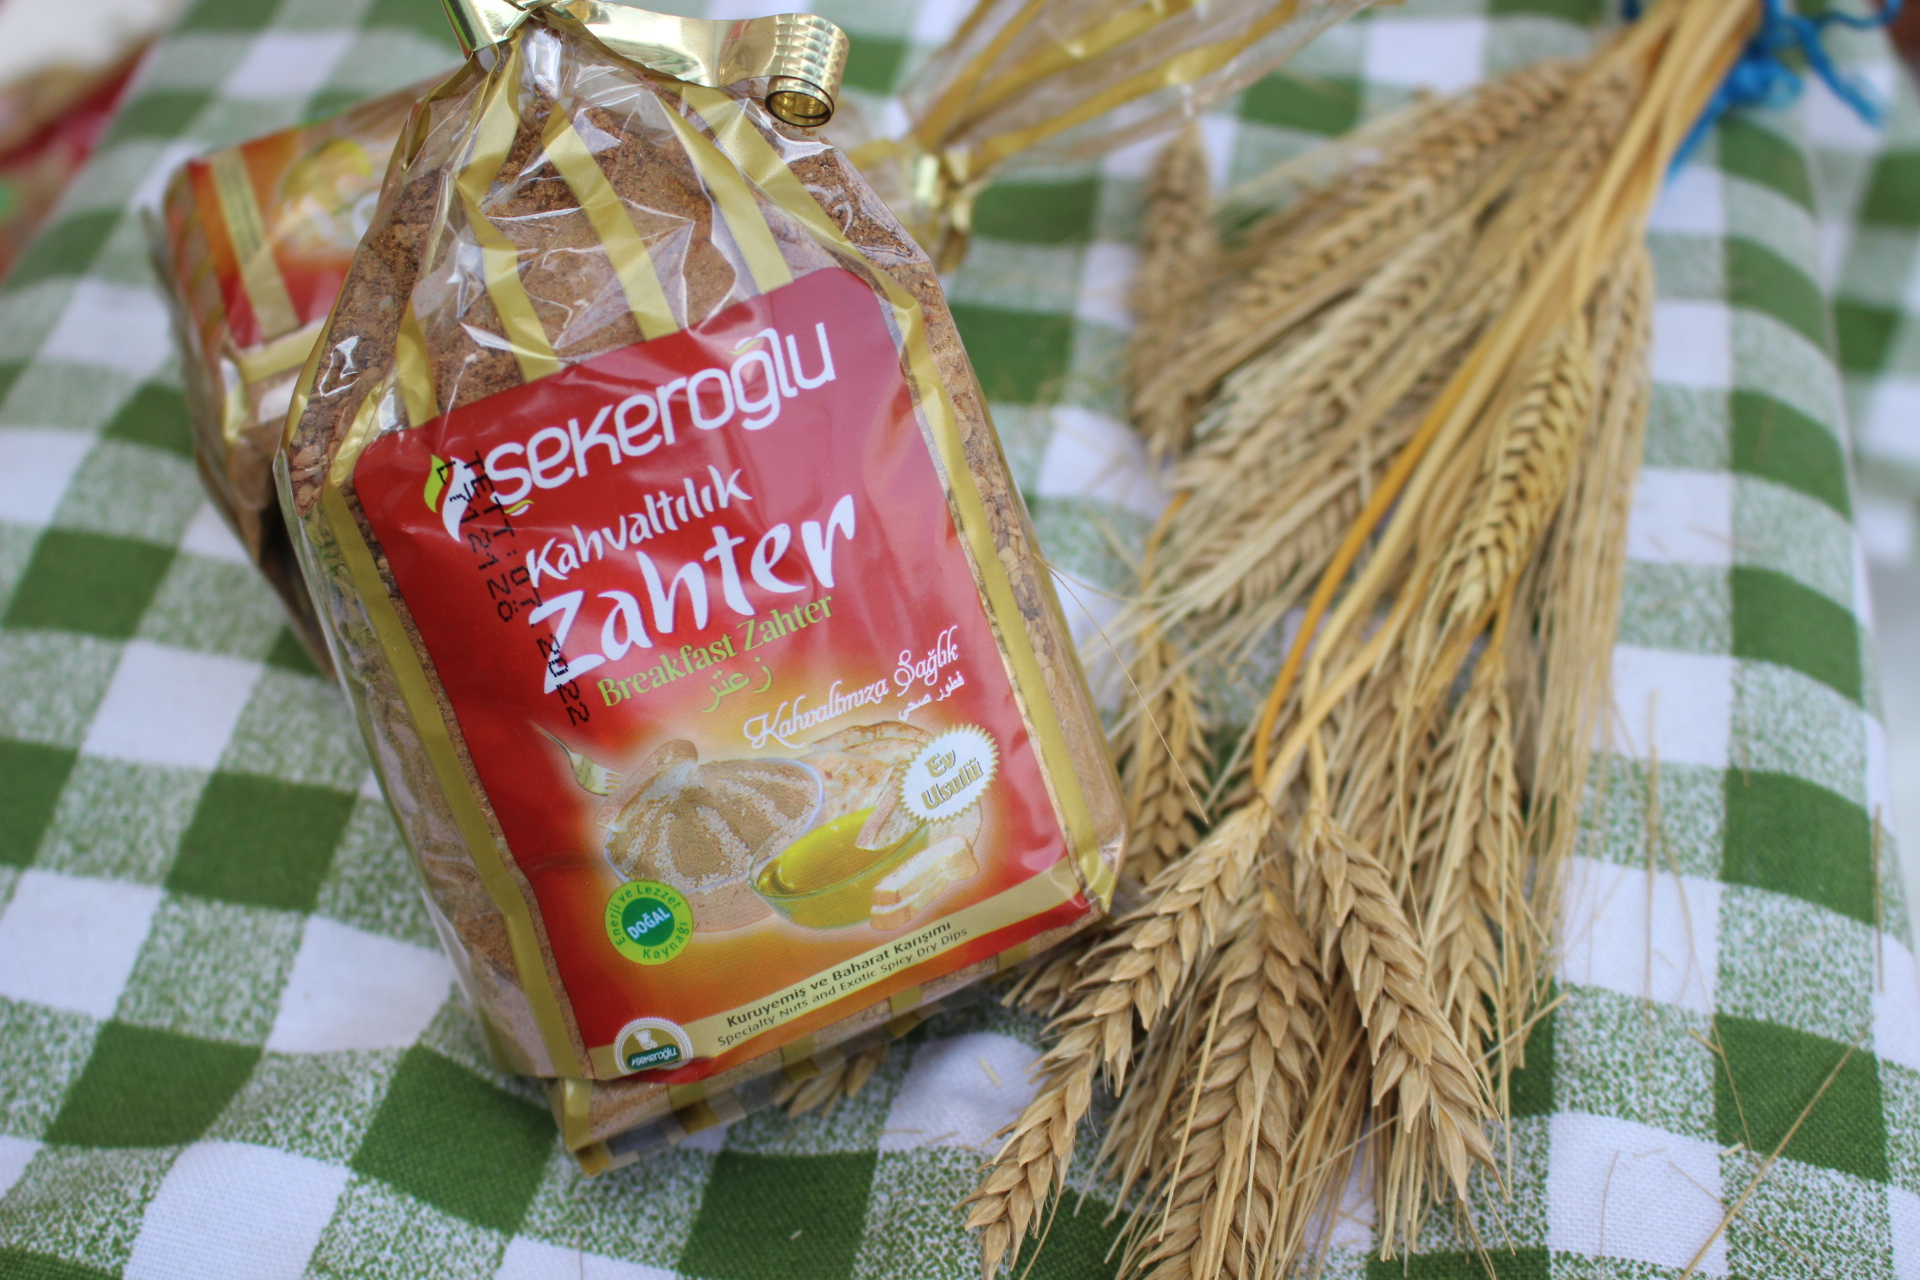 Şekeroğlu Kahvaltılık Zahter (250 Gr)